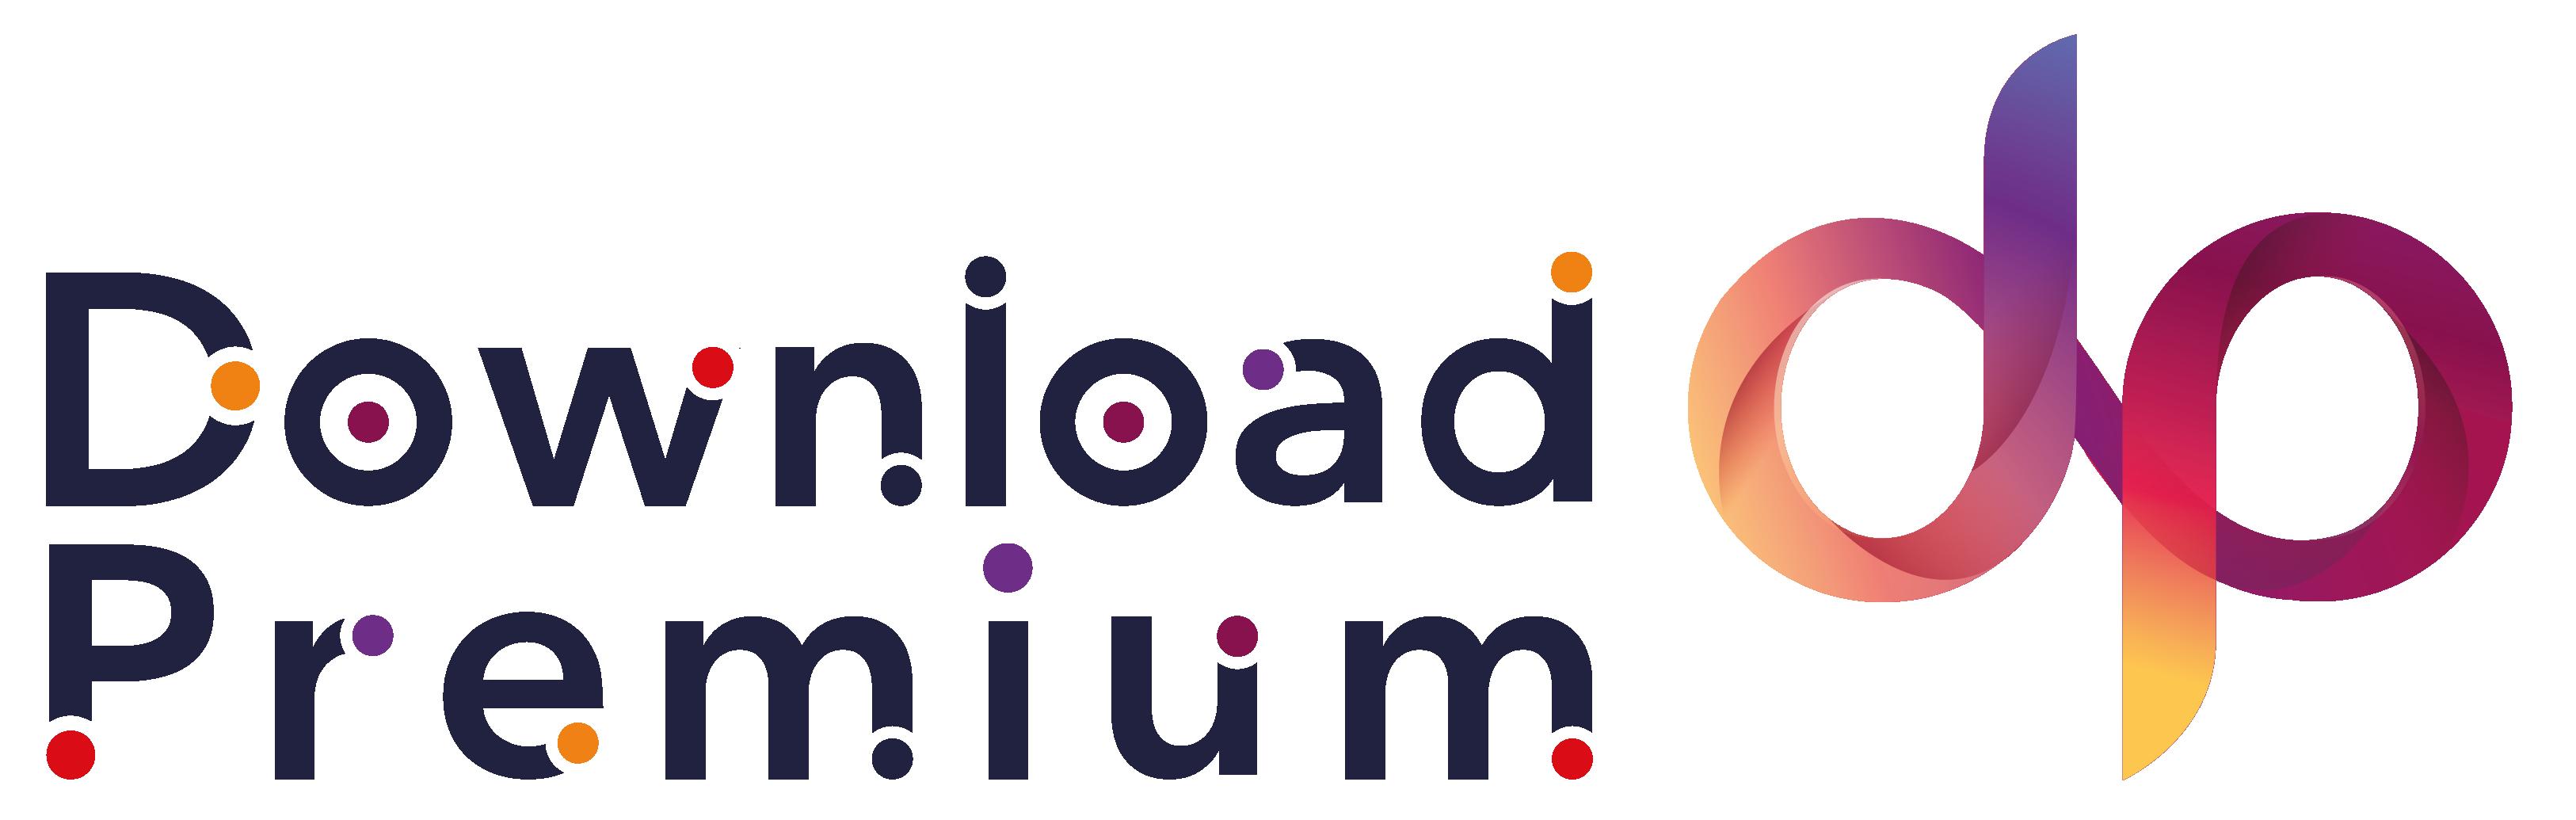 Download Premium